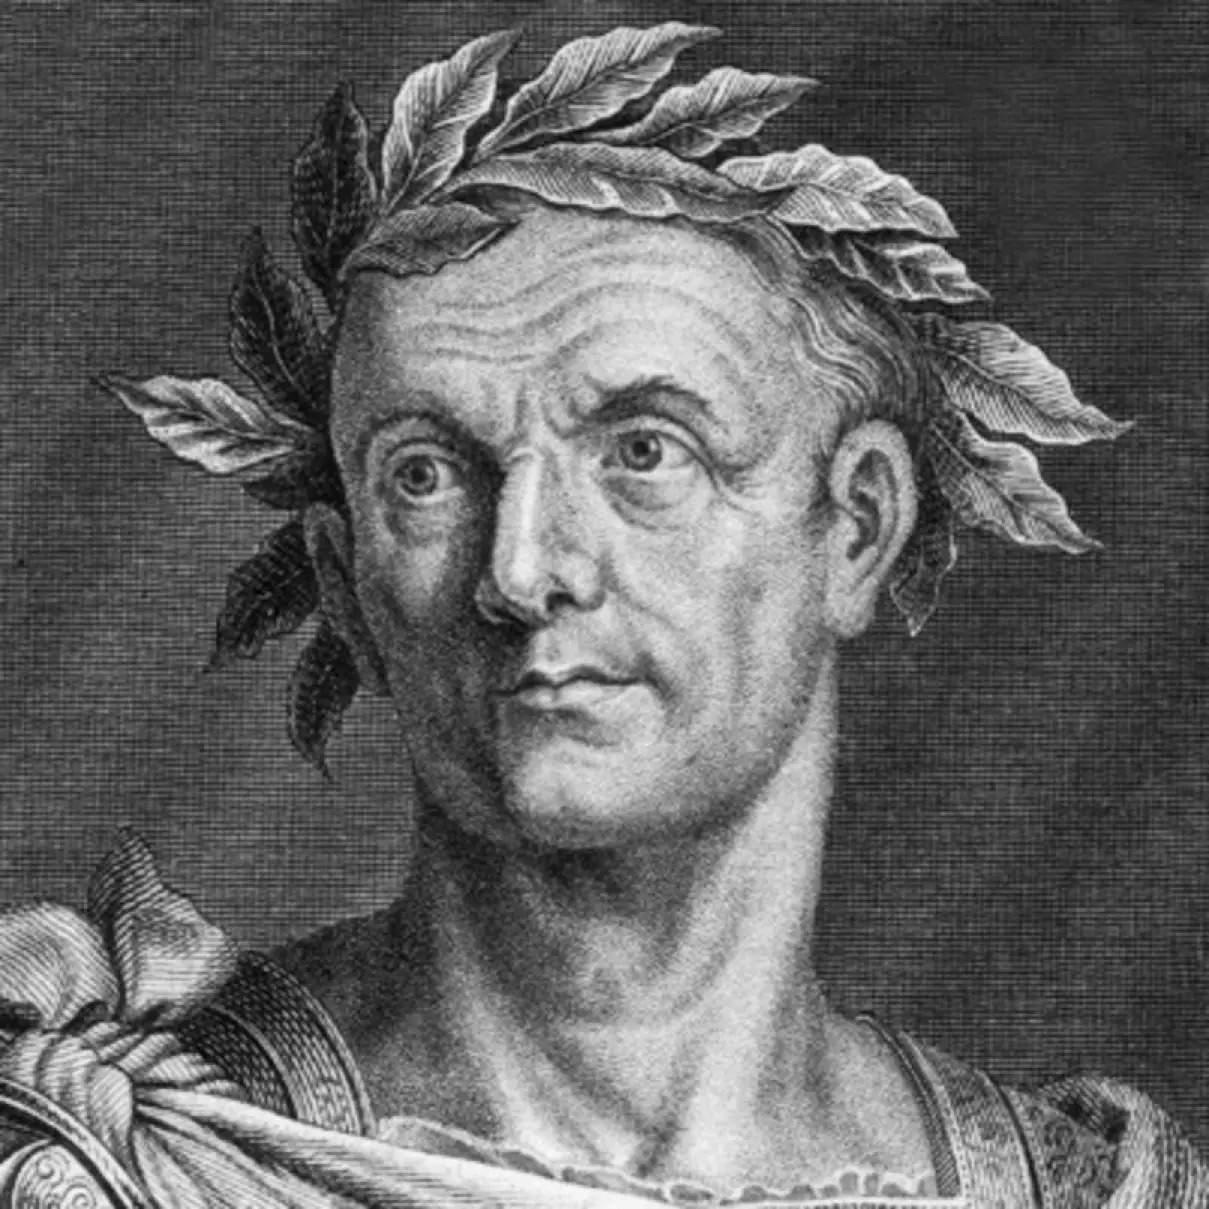 Il Calendario Romano Riassunto.Giulio Cesare Chi Era Biografia Morte Riassunto Estate